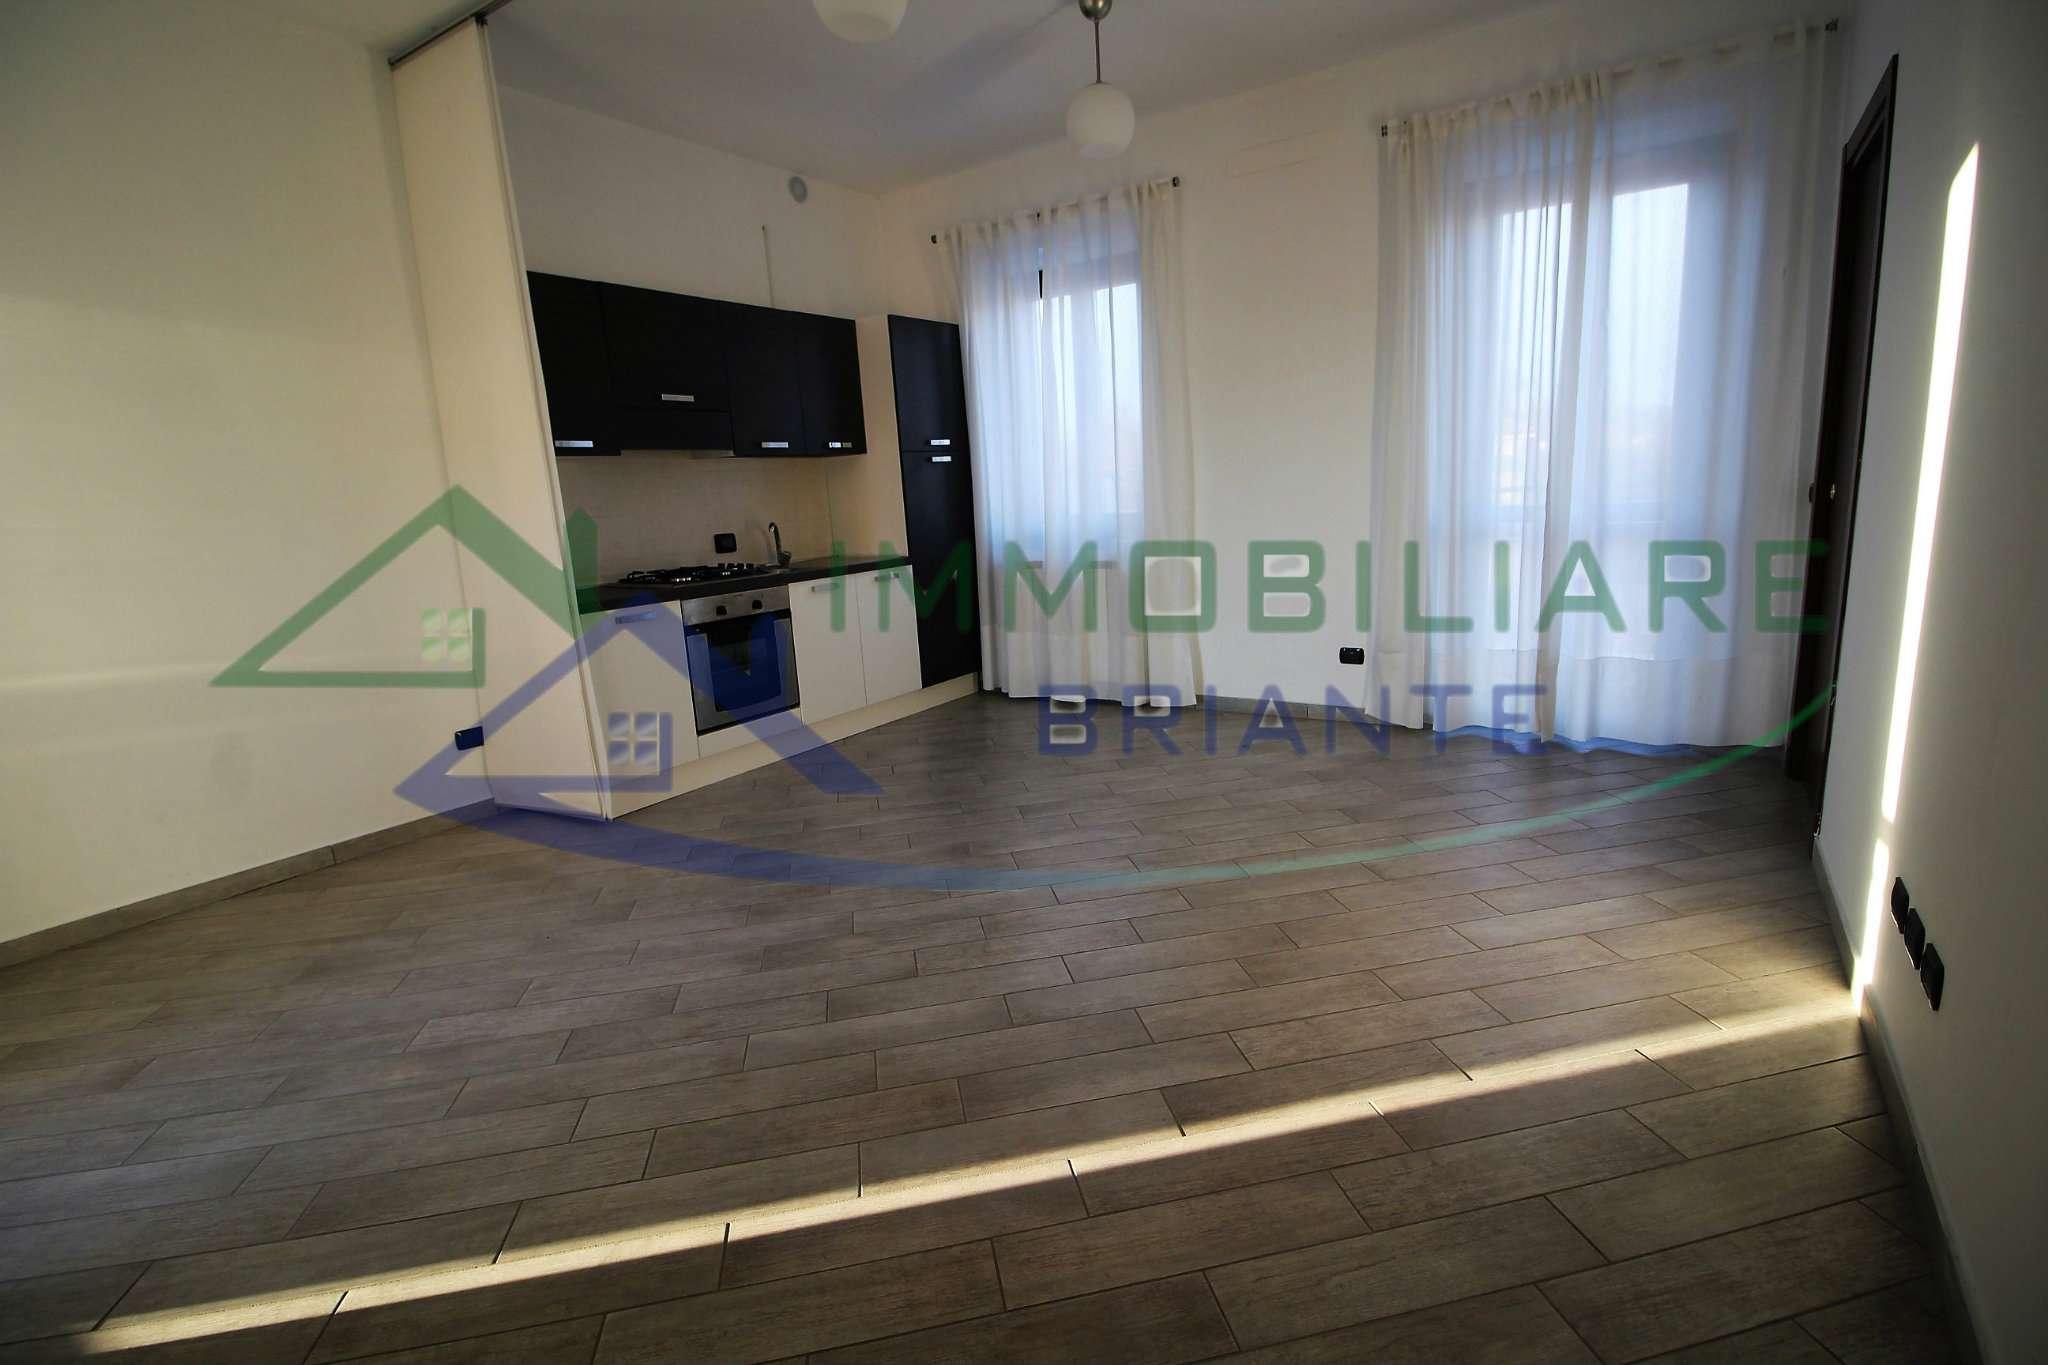 Appartamento in vendita a Arsago Seprio, 1 locali, prezzo € 58.000 | CambioCasa.it